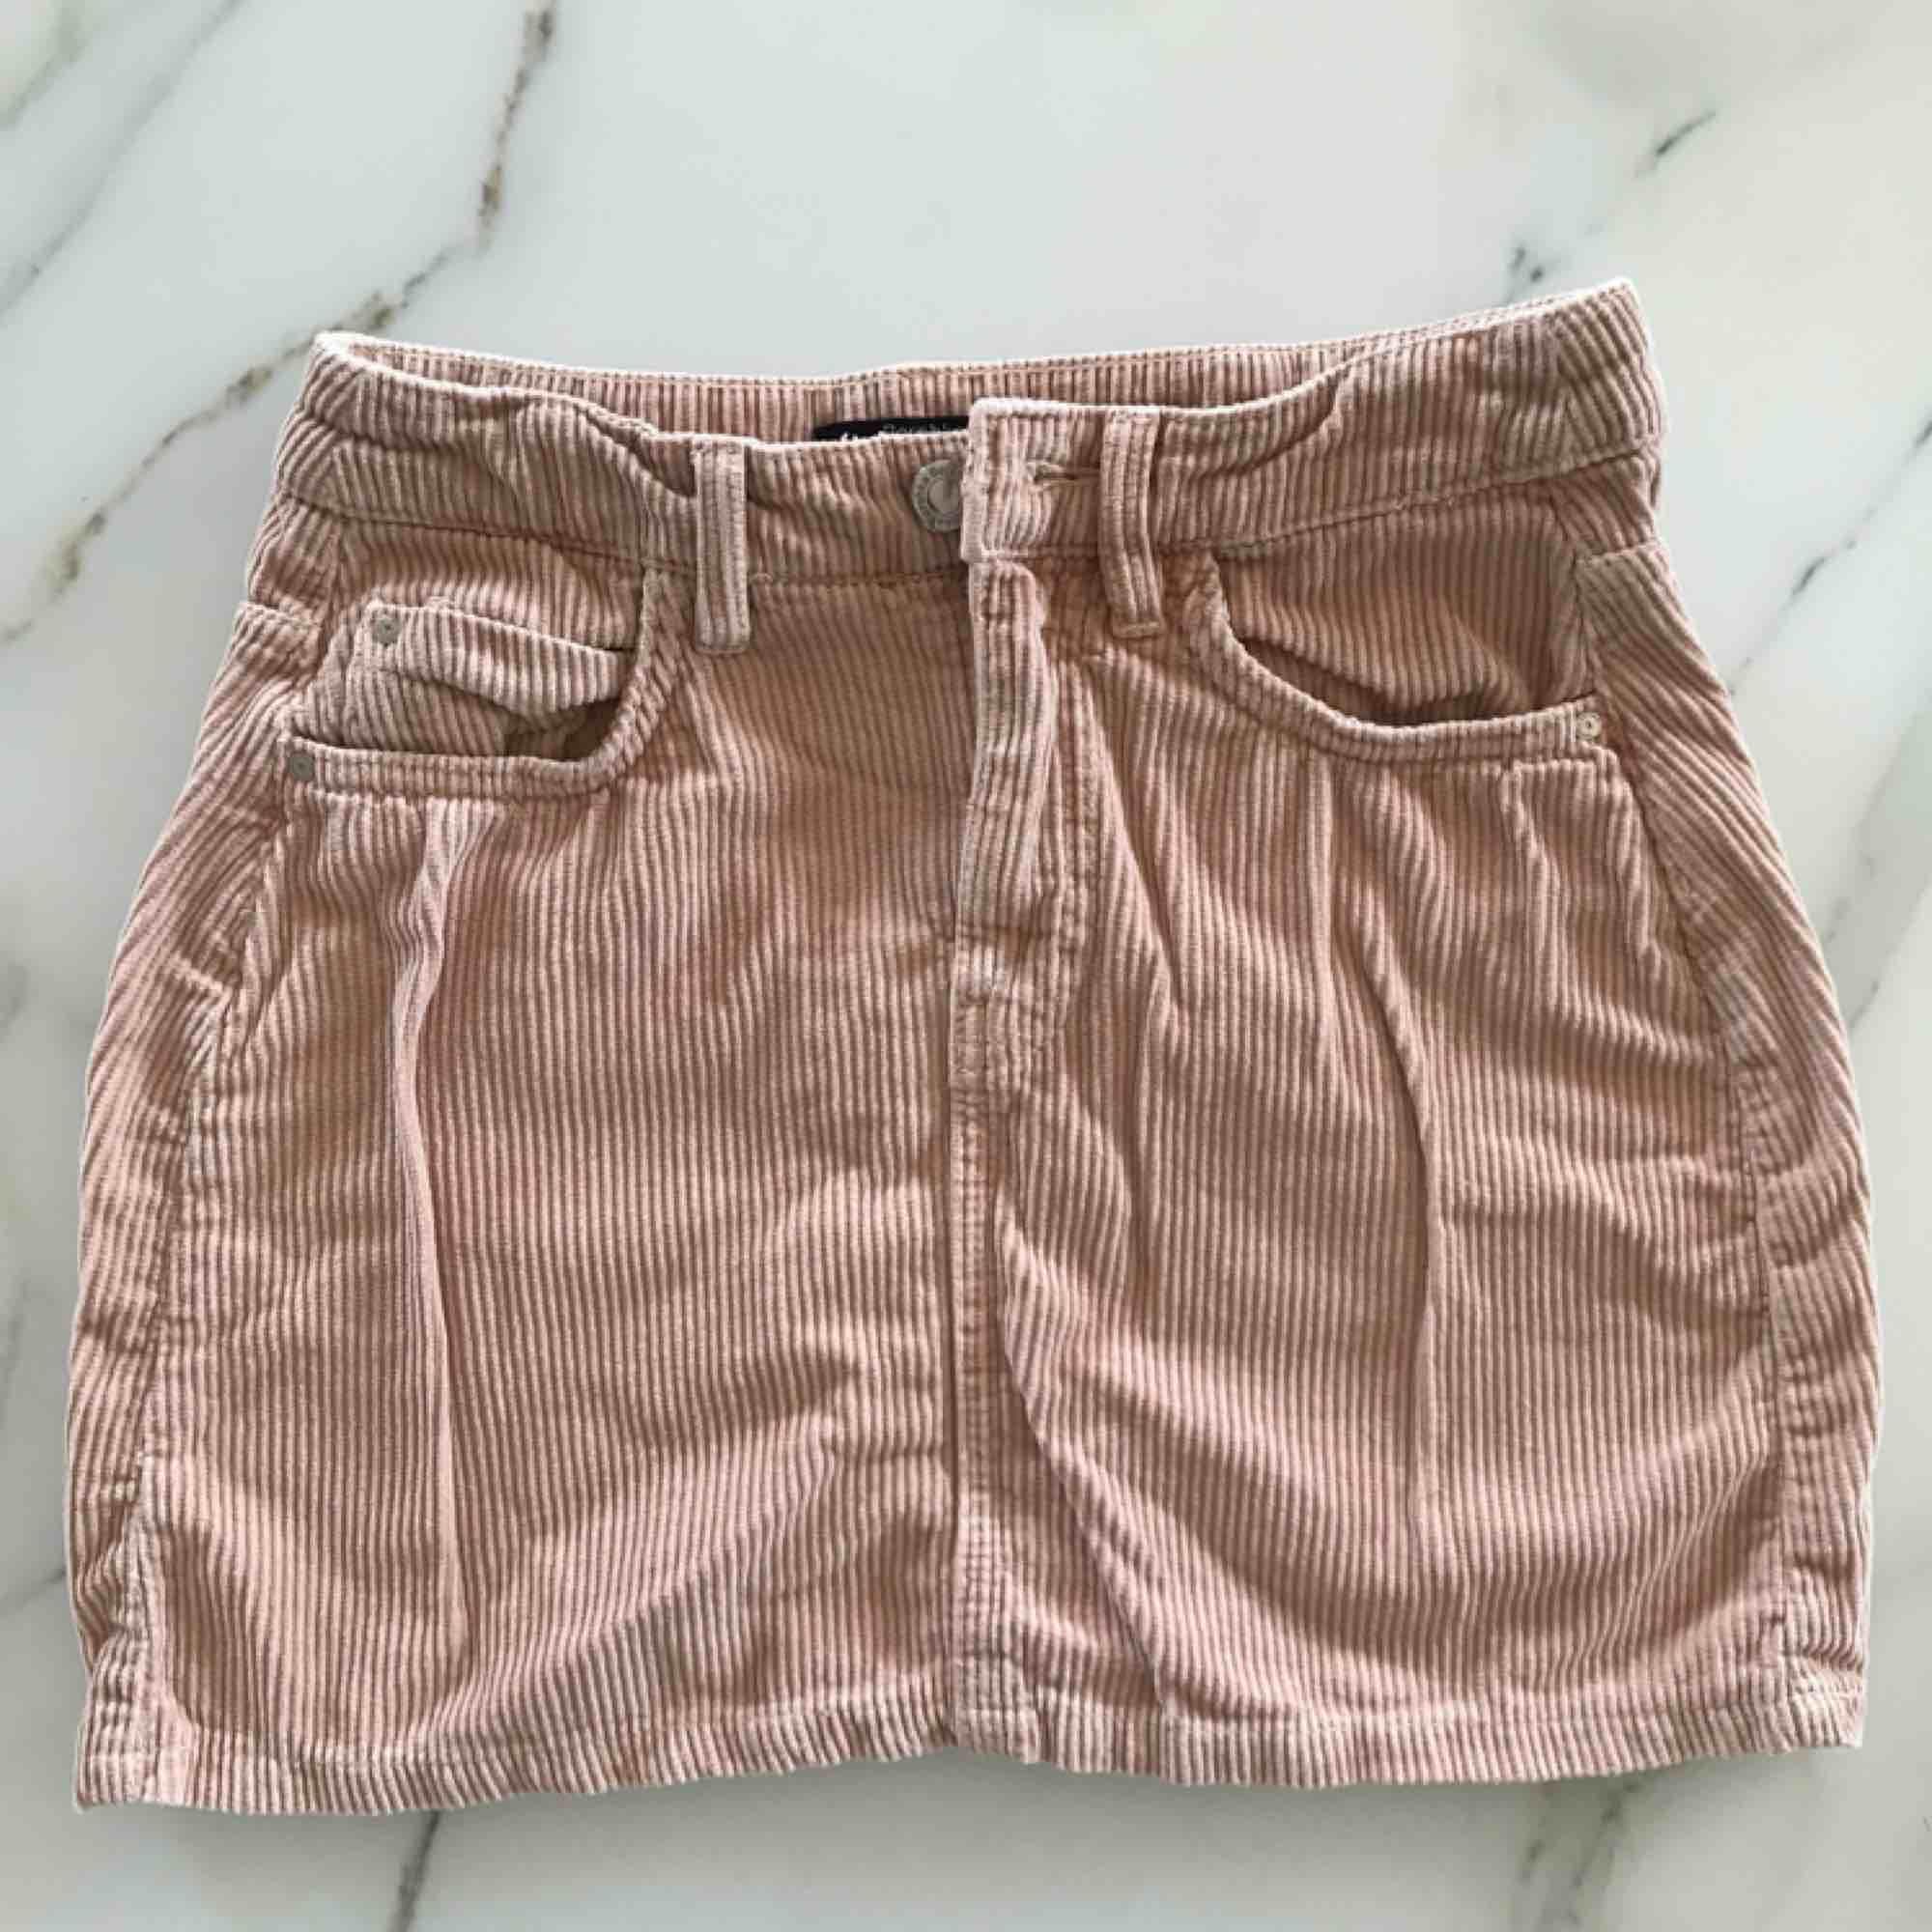 Säljer en sååå fin ljusrosa manchesterkjol som kommer från berskha. Passar perfekt nu till sommar och vår!!🌸kjolen är mer rosa än vad bilderna visar. Fraktar med köparen står för fraktkostnaden😊. Kjolar.